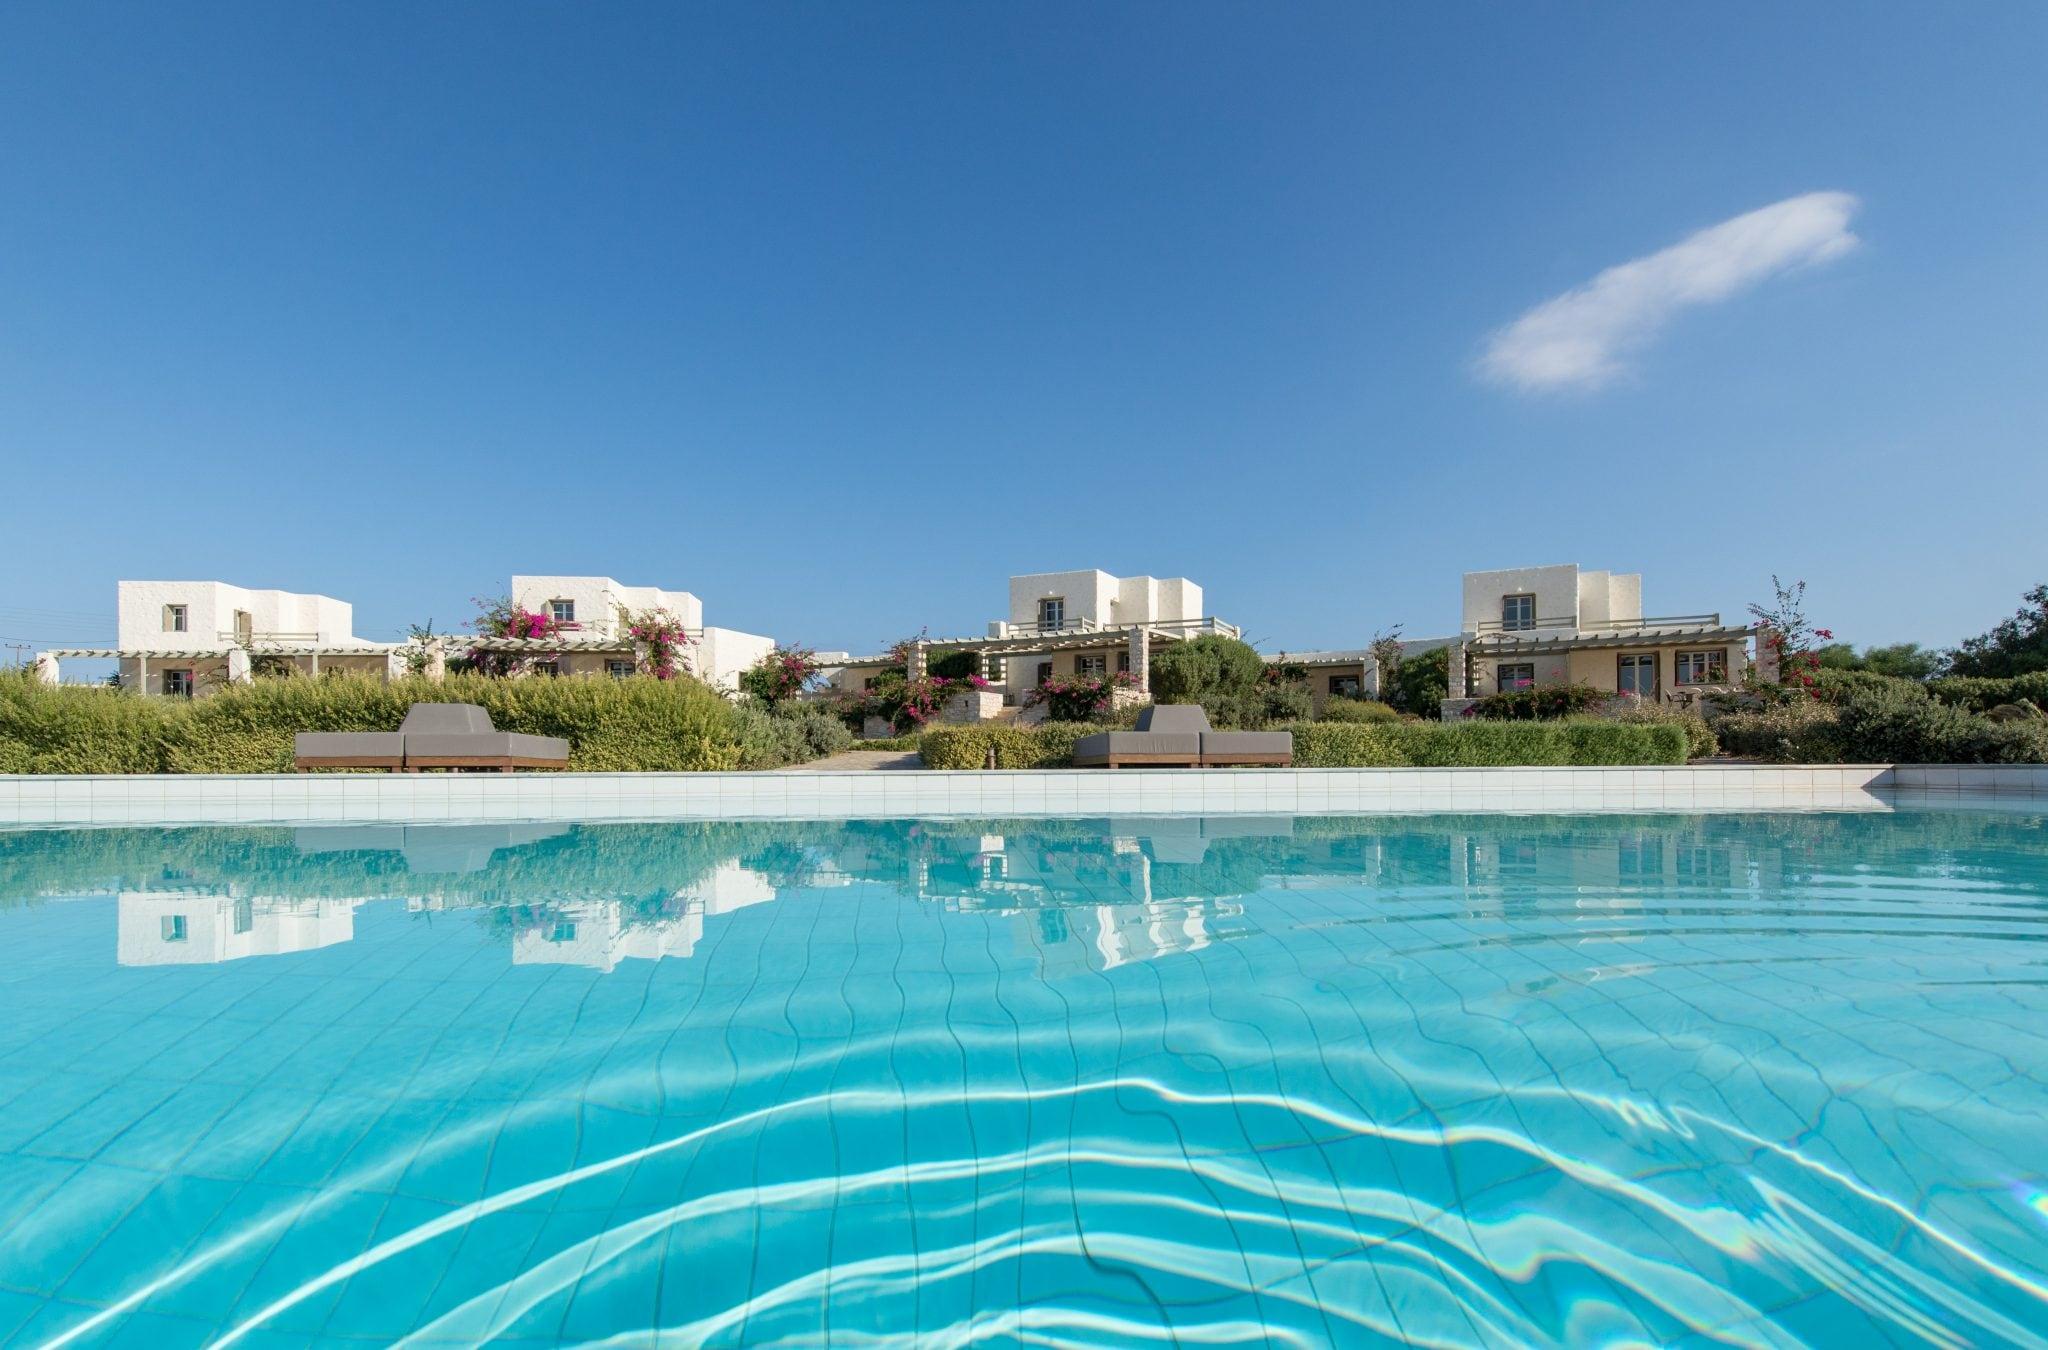 Maison, Paros - Ref GR-4764